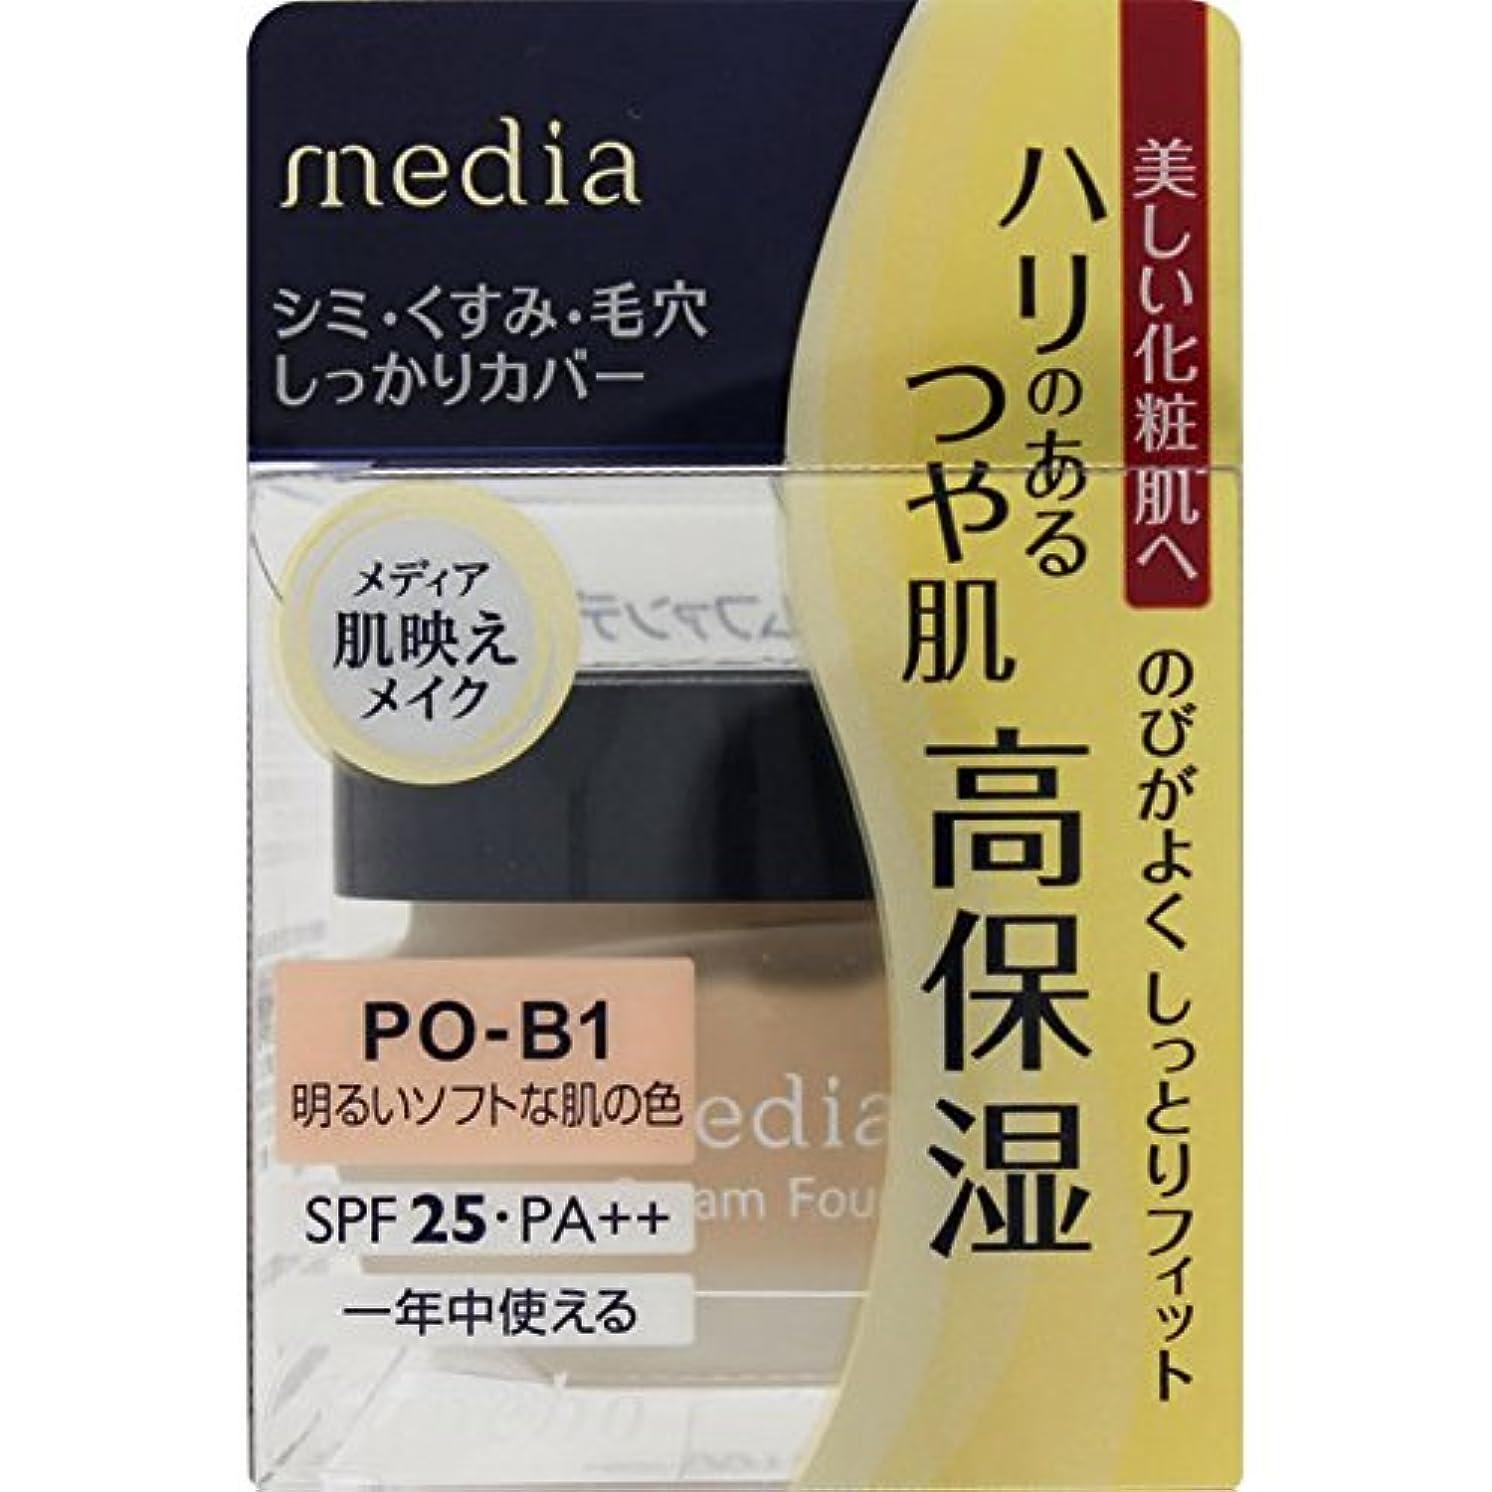 利点プロペラ怠感カネボウ化粧品 メディア クリームファンデーション 明るいソフトな肌の色 POーB1